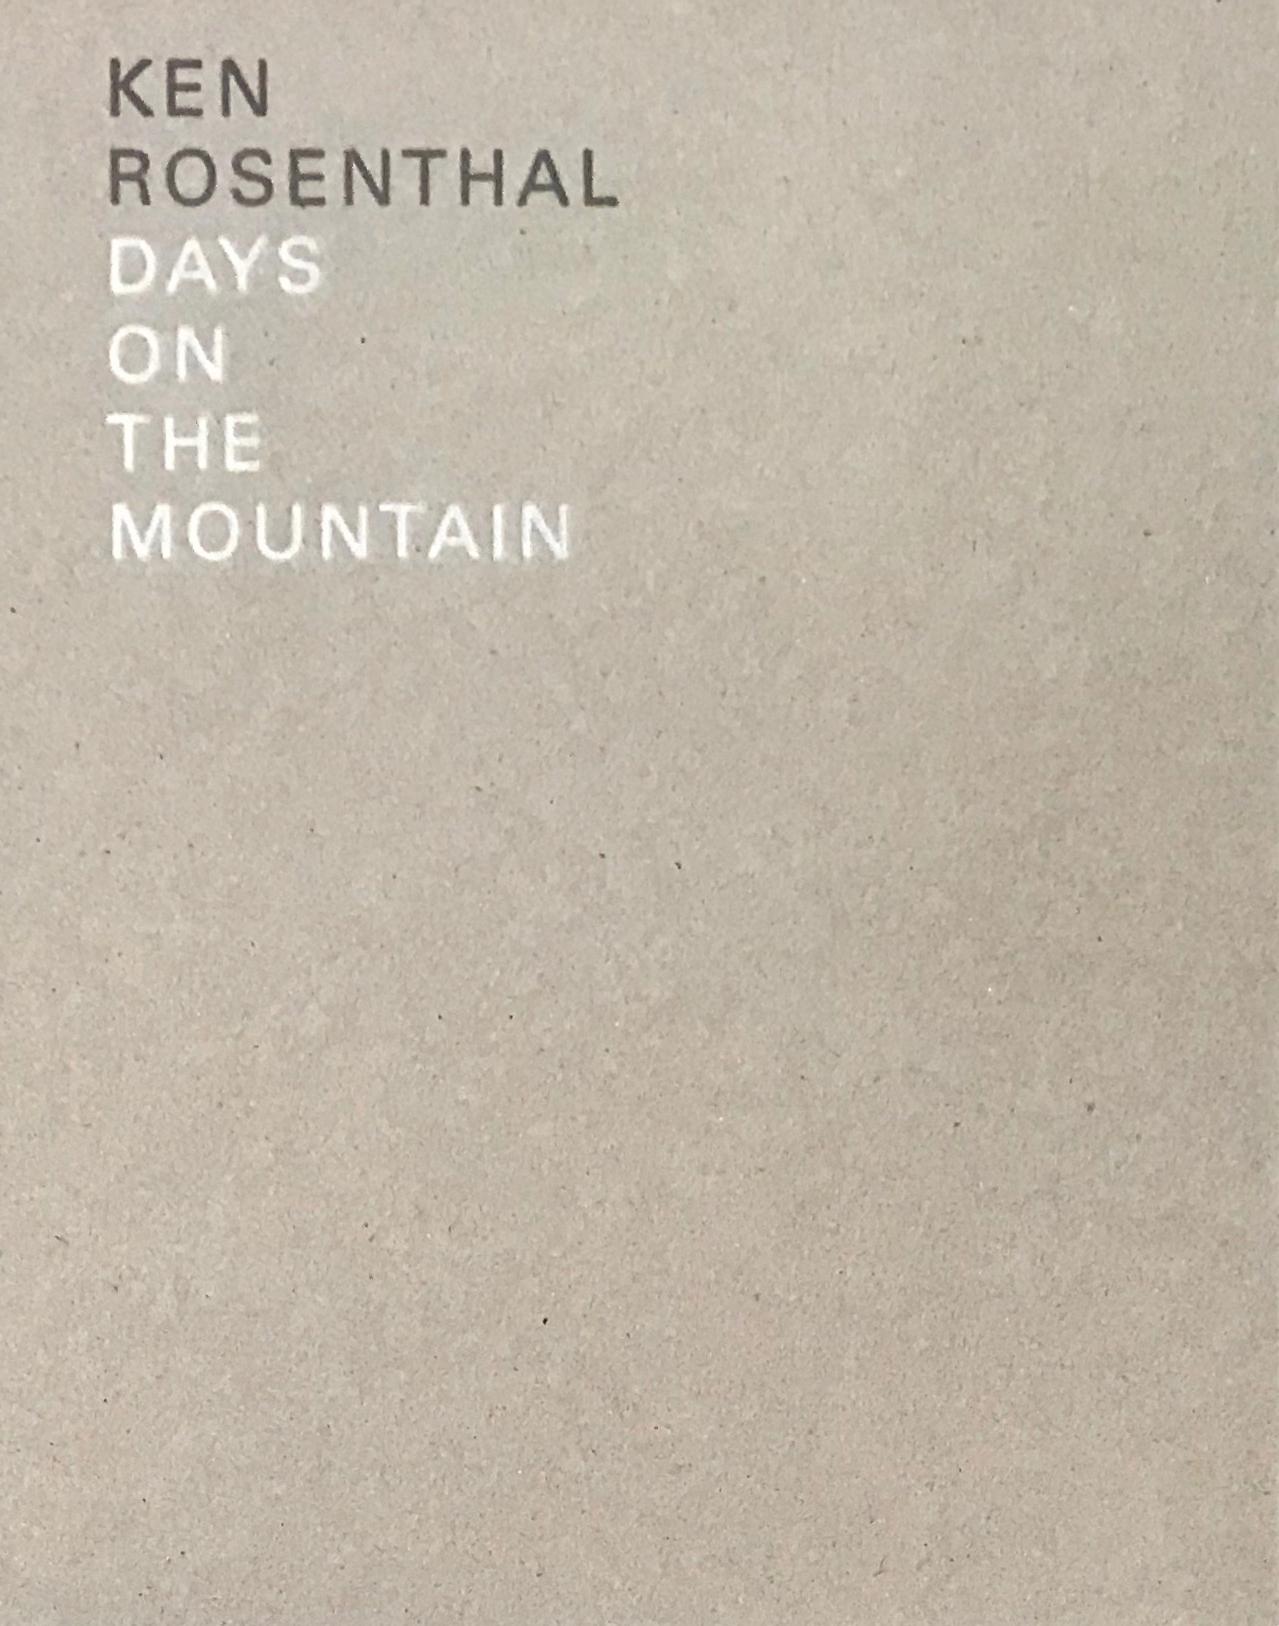 Rosenthal cover.jpg